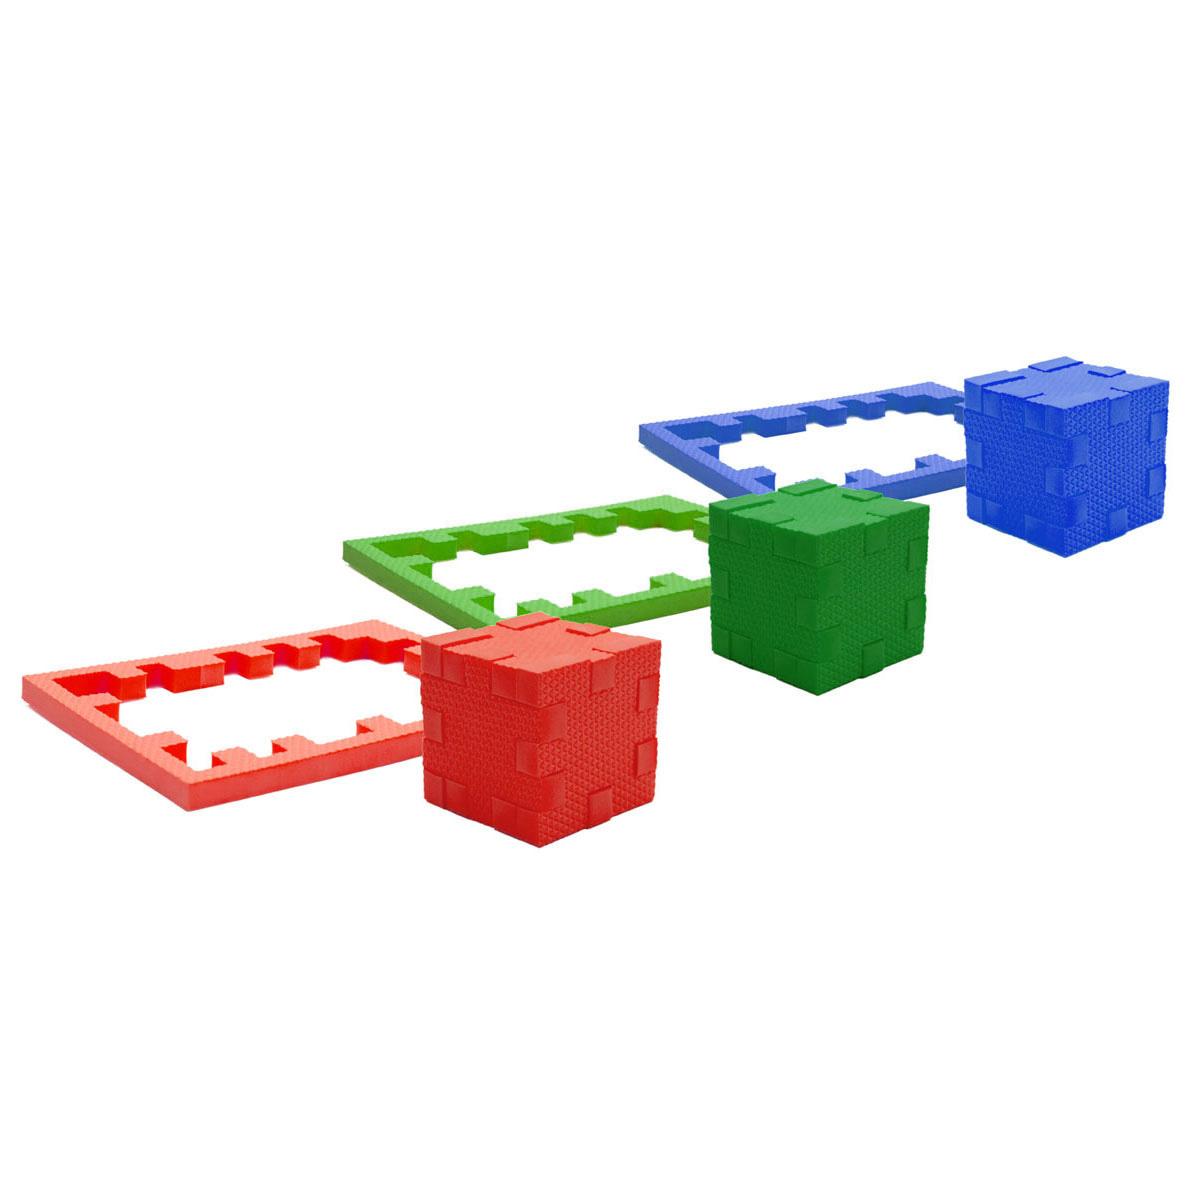 Picnmix Пазл-конструктор Кубикформ Три стихии111004Пазл-конструктор Pic&Mix Кубикформ Три стихии имеет уровень сложности Умник. Игра может проводиться в 2 этапа: Первый предполагает изучение 3-х цветов, усвоение ребёнком такого понятия как стихия и соответствующего ей цвета, на данном этапе ребенок осваивает навыки сборки простых элементов головоломки. На втором этапе ребенок учится собирать сложные геометрические фигуры. Серия обучающих пазл-конструкторов стимулирует развитие мышления, логики, пространственного воображения, памяти, координации, мелкой моторики, а также помогает усвоить навыки тактильного восприятия. В комплект входят 21 элемент конструктора, инструкция.